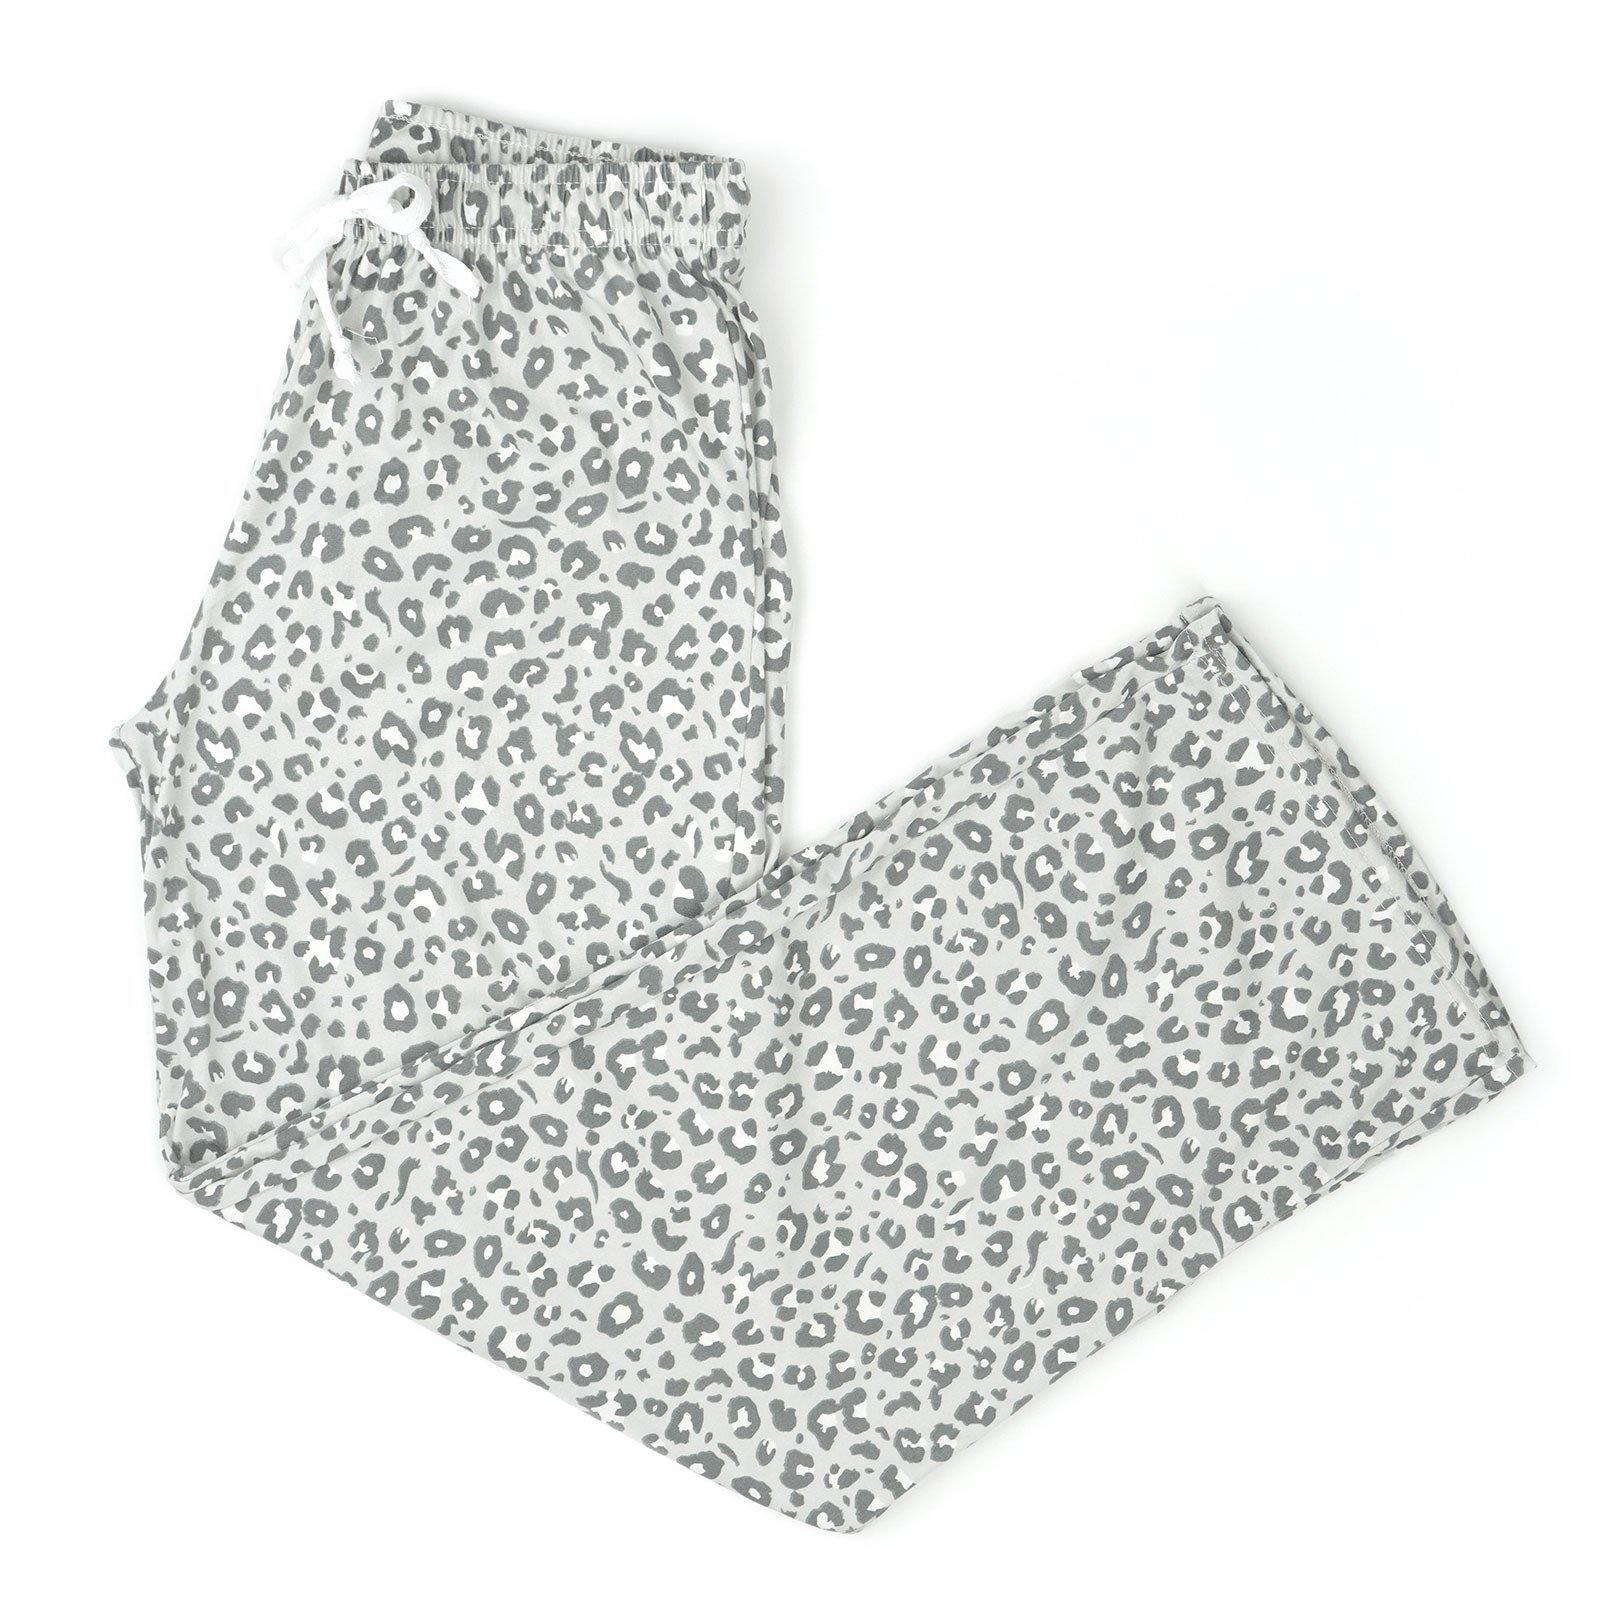 Cat Nap Lounge Pants